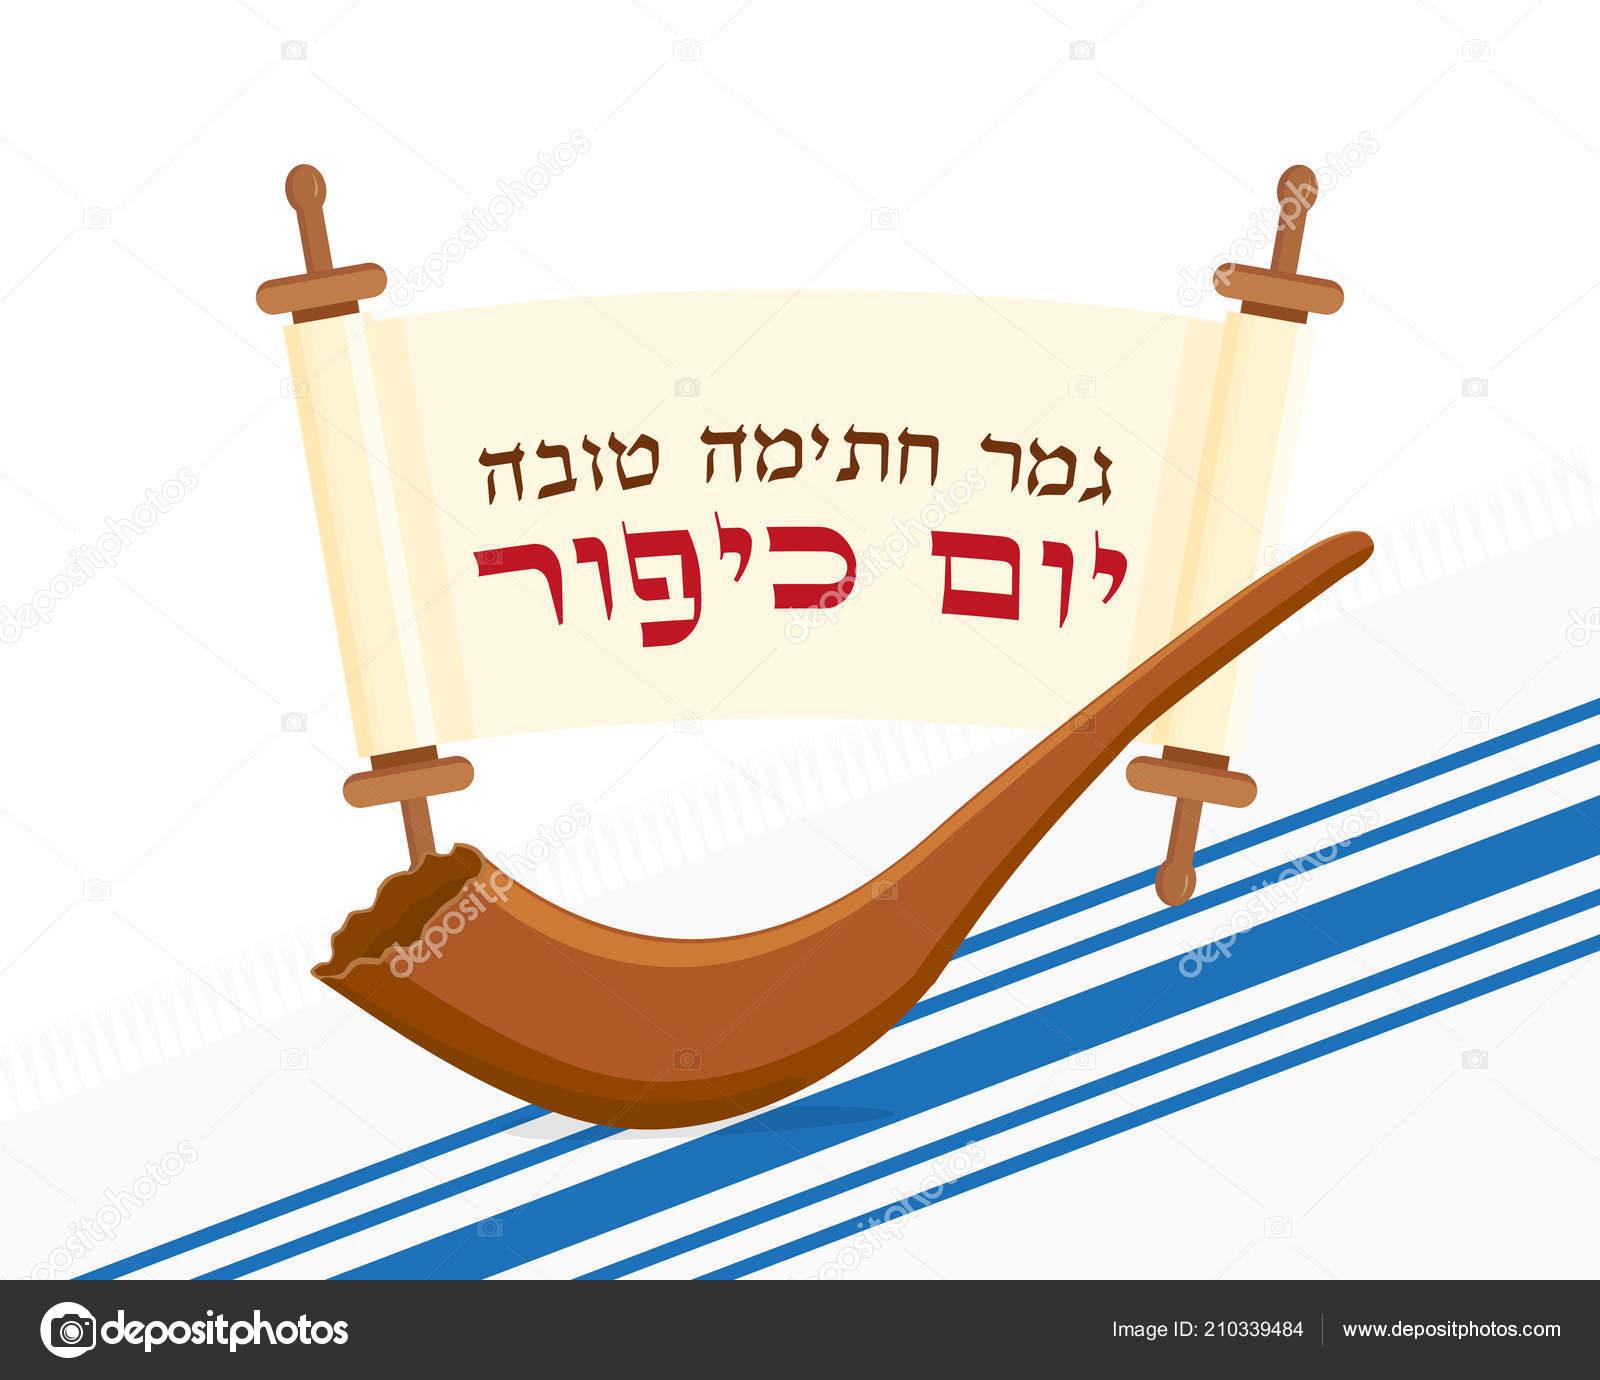 Jewish Holiday Yom Kippur Scroll Jewish Greeting May You Inscribed